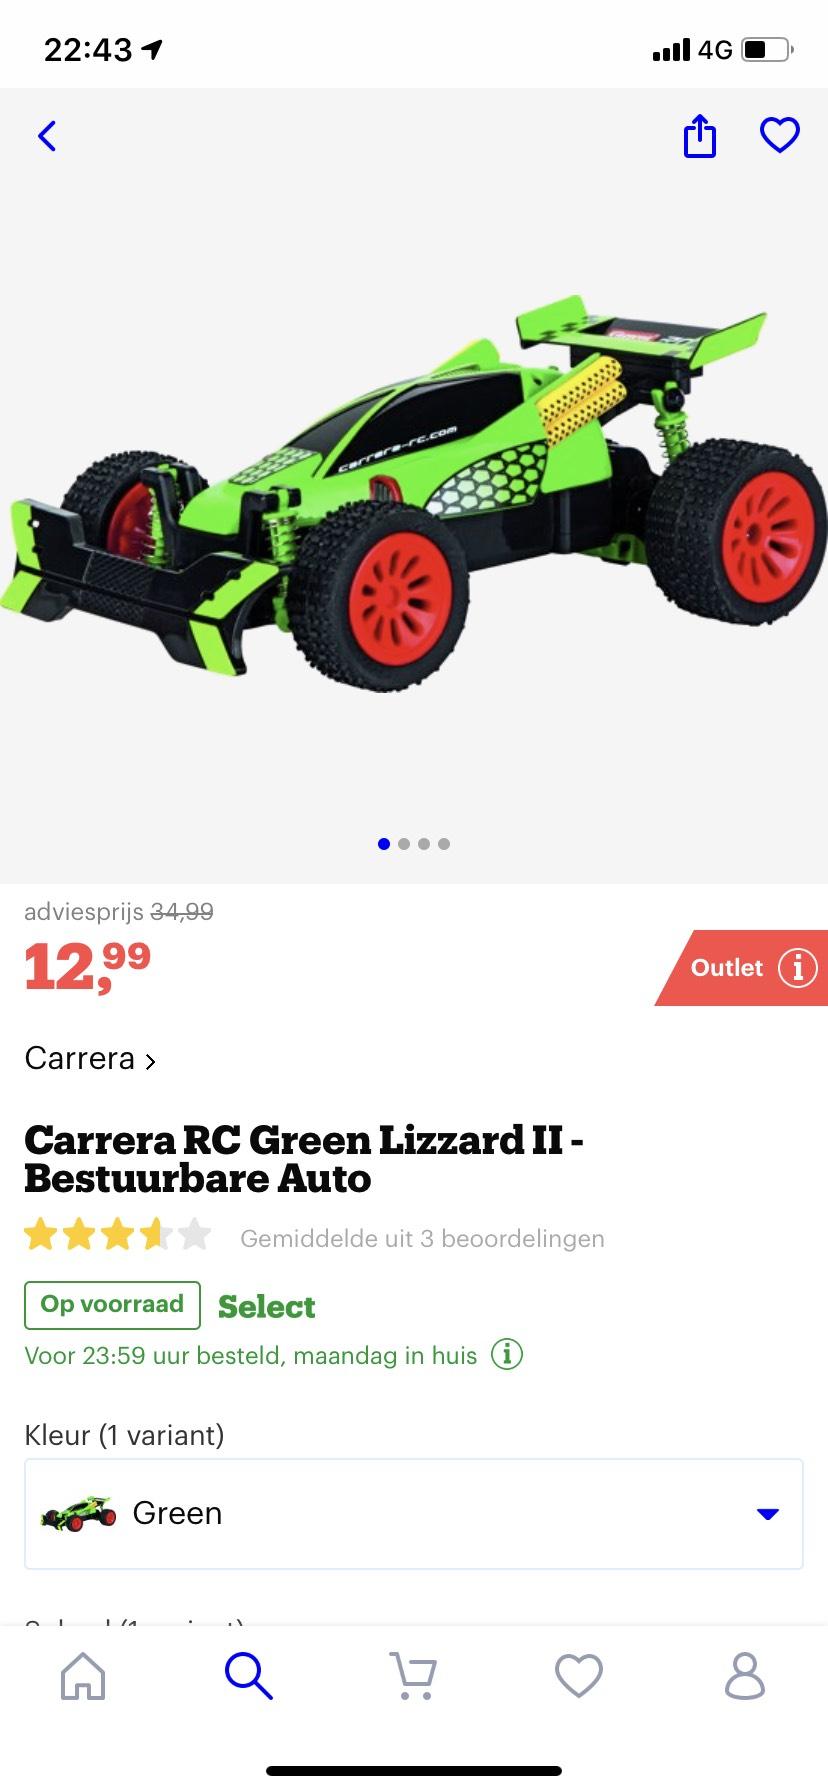 Carrera Green Lizzard Bestuurbare Auto